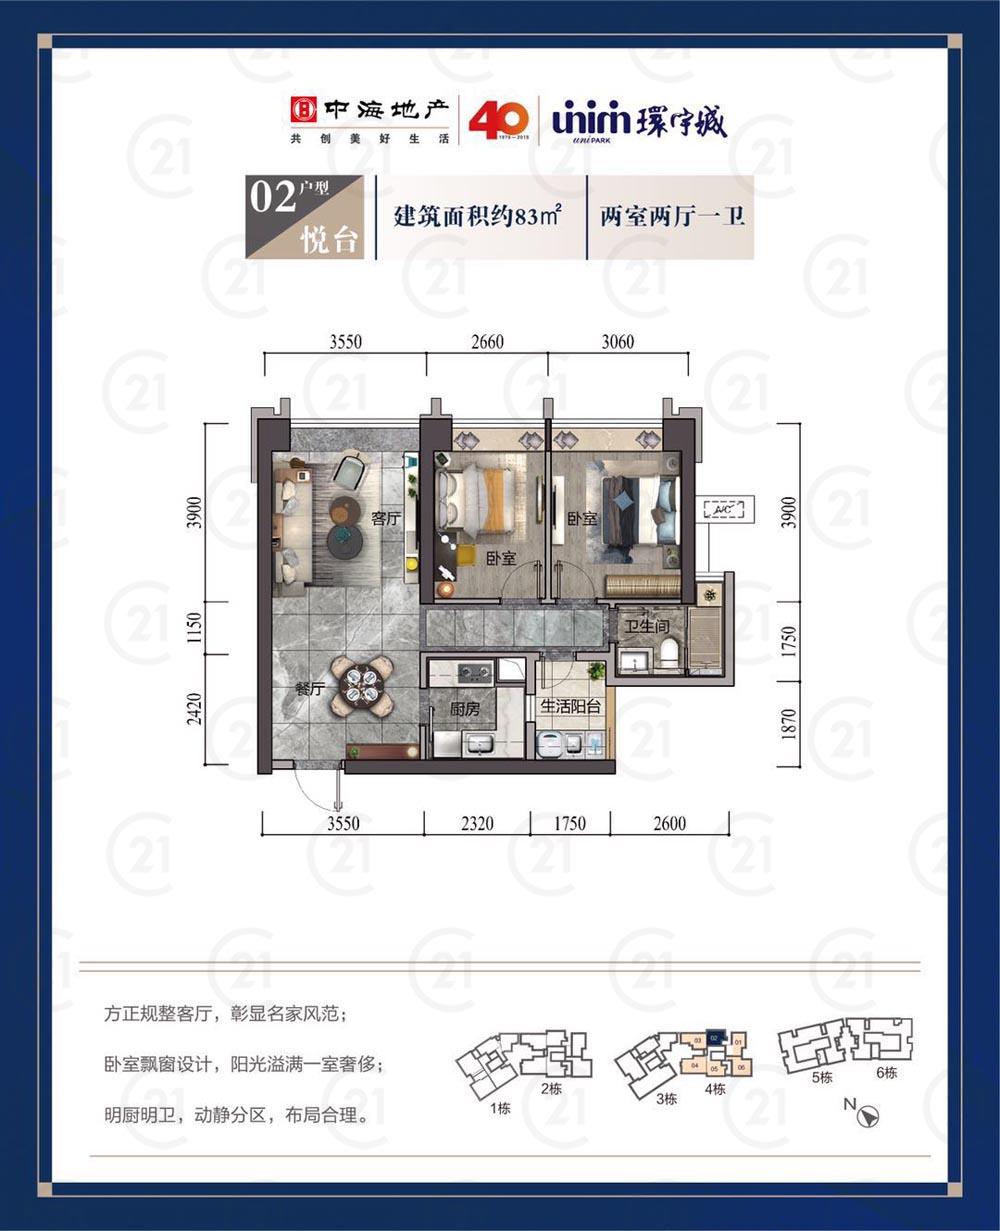 5中海环宇城-微信图片_20190603160604